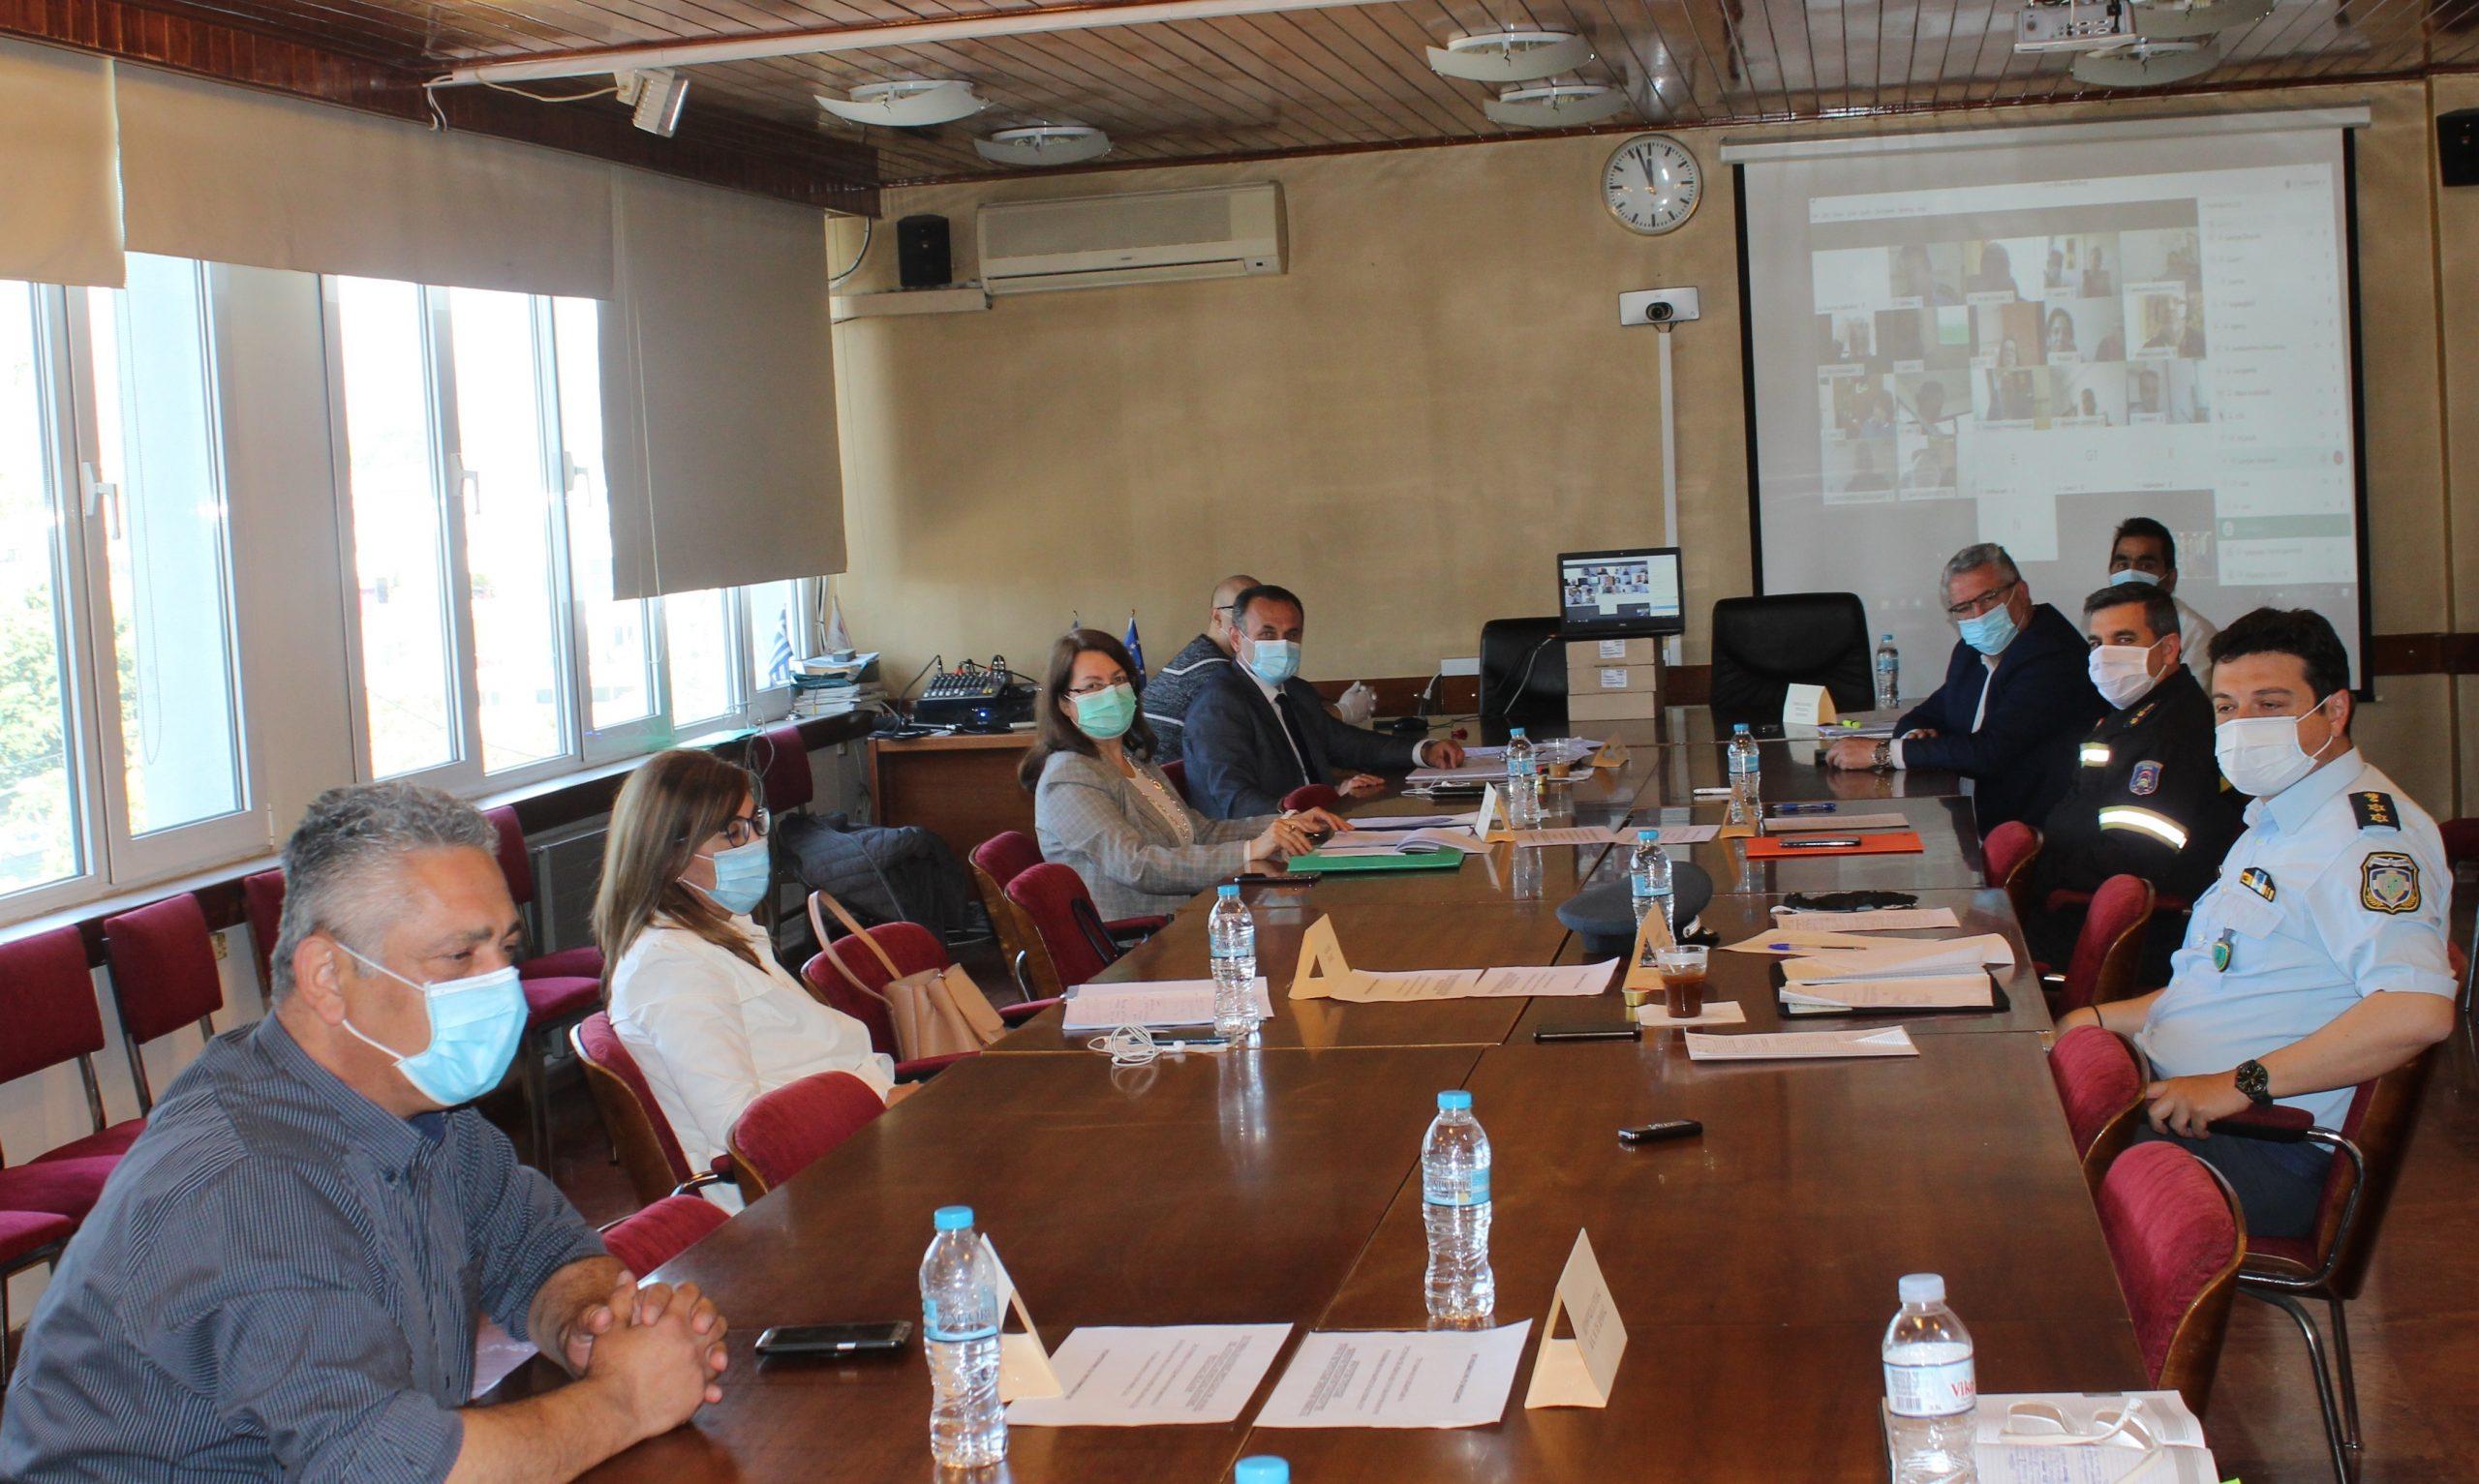 Σύσκεψη Συντονιστικού Οργάνου Πολιτικής Προστασίας Π.Ε. Δράμας για την αντιμετώπιση Δασικών Πυρκαγιών Θερινής Περιόδου 2020 με Τηλεδιάσκεψη